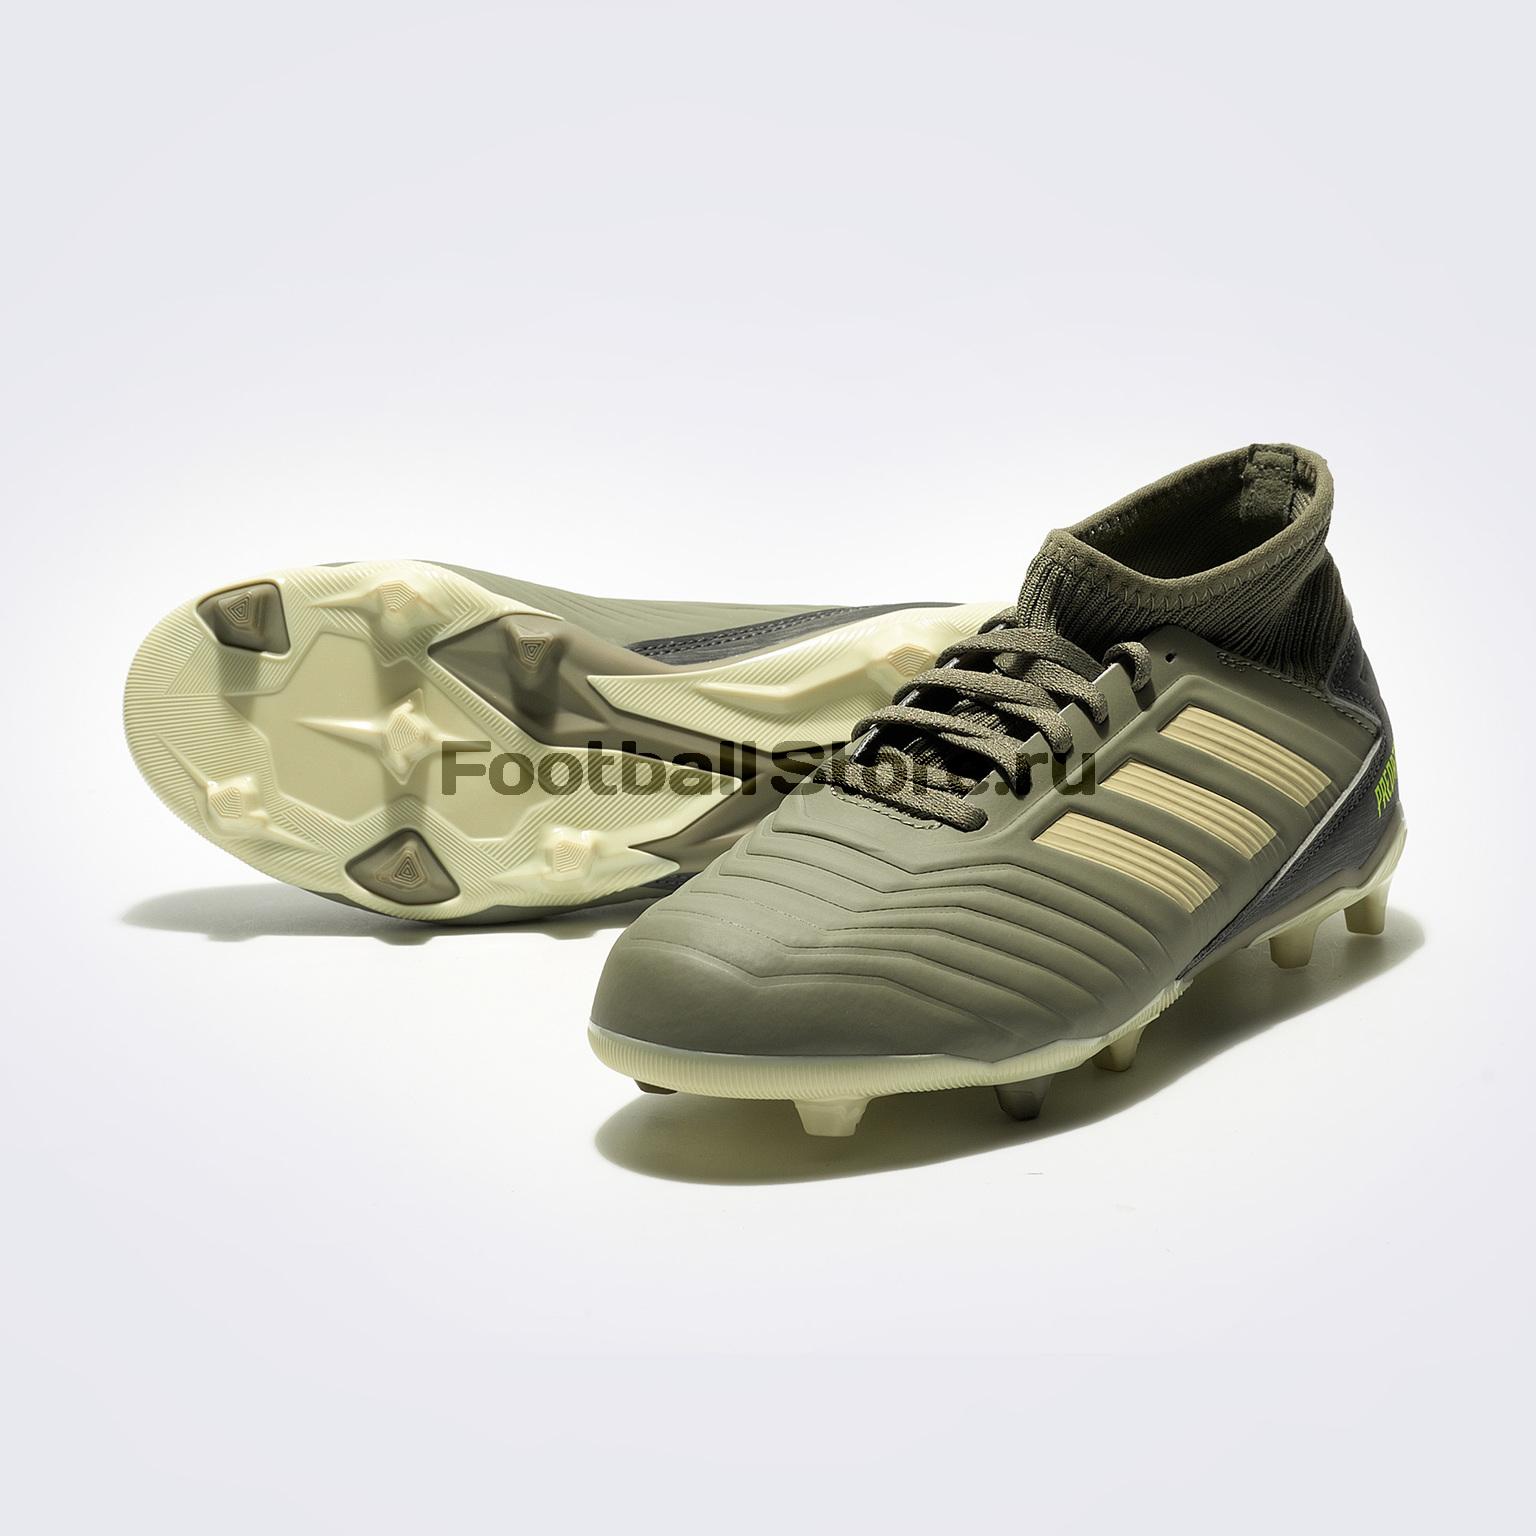 Бутсы детские Adidas Predator 19.3 FG EF8215 бутсы adidas predator 18 3 fg db2001